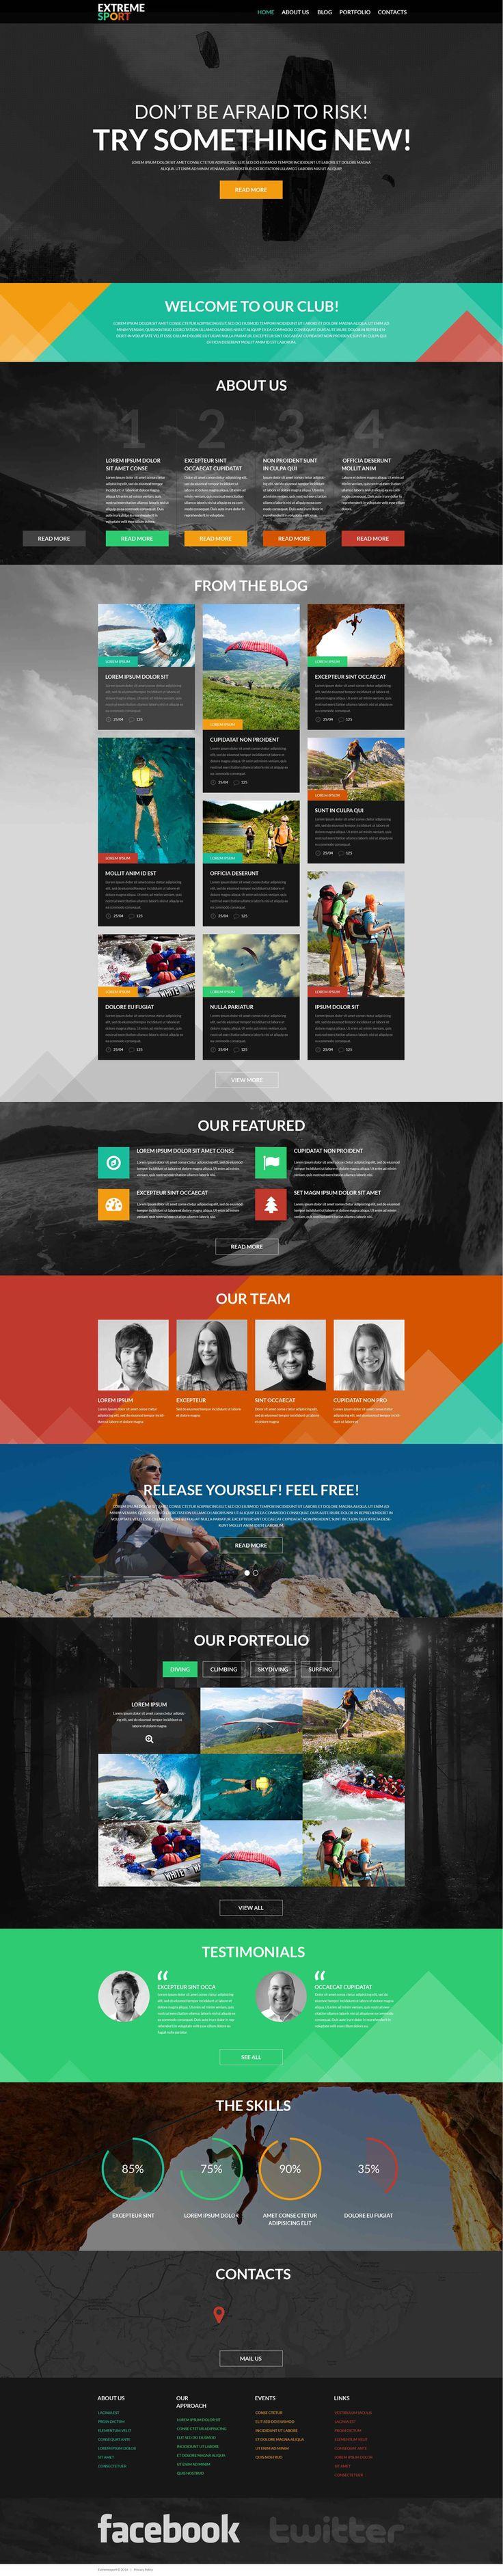 Motyw WordPress na temat:  sporty ekstremalne. Dodatkowe funkcje, pełna dokumentacja i zdjęcia stockowe są włączone.